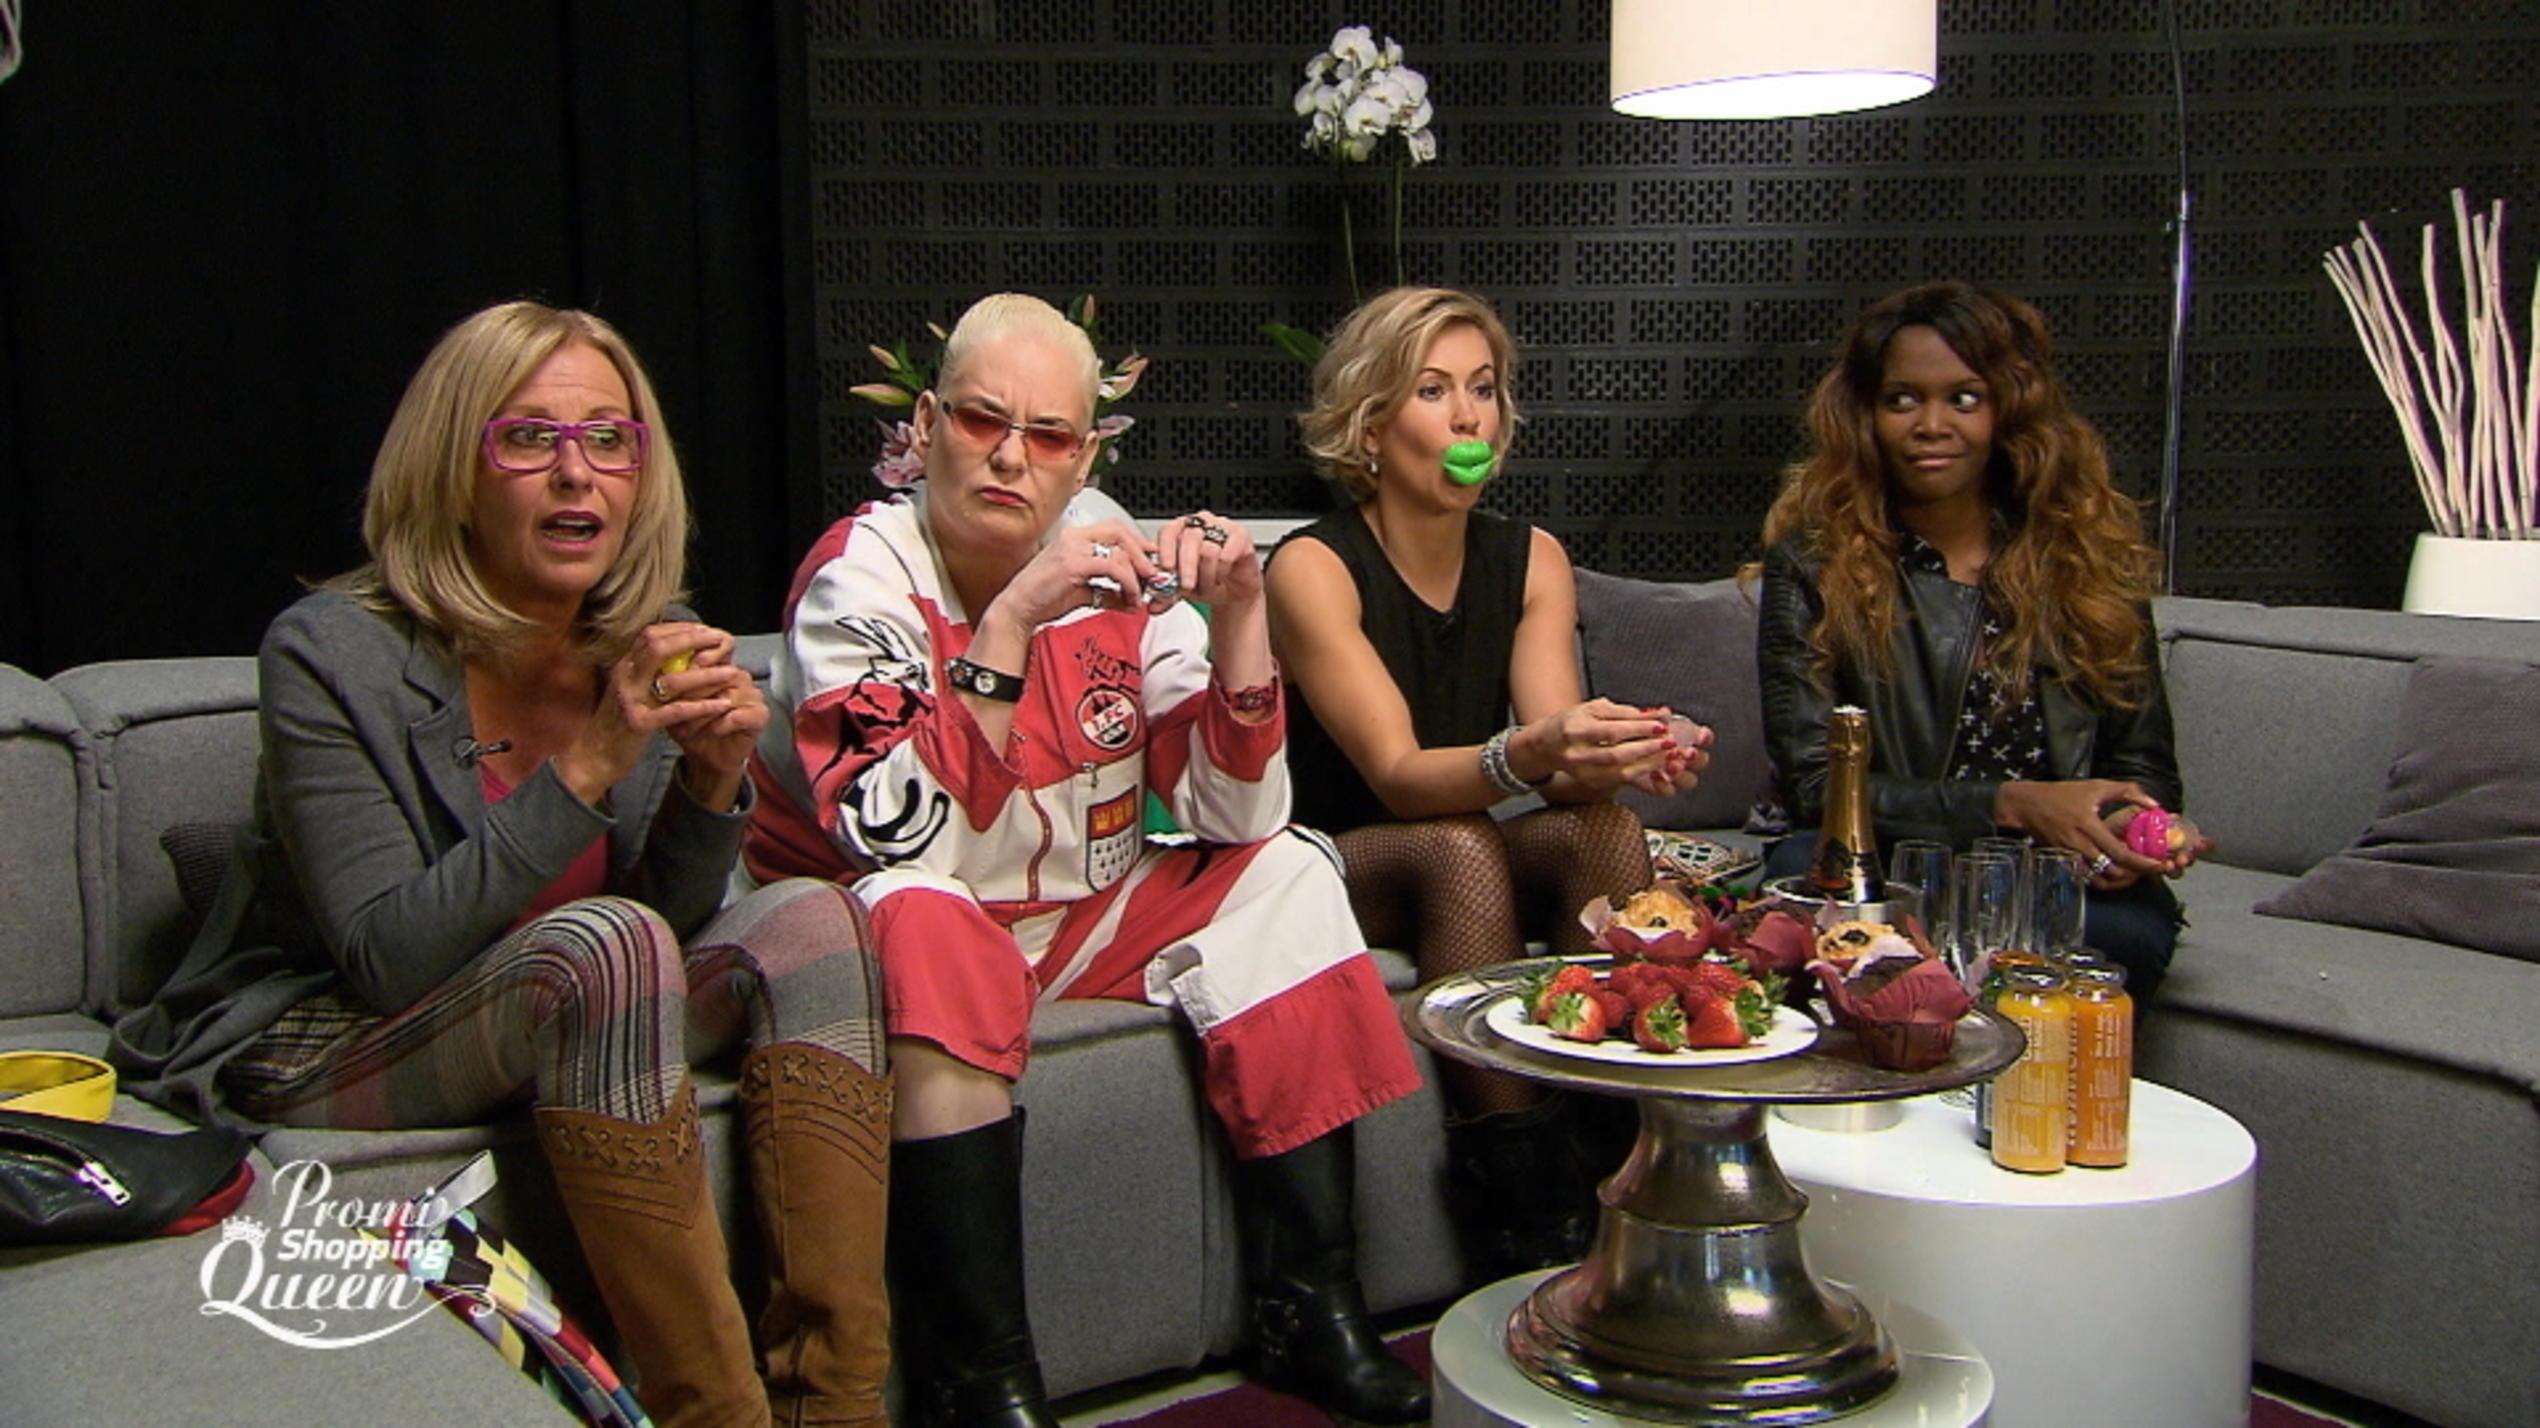 Hegenbarth beine wolke Ammersee: TV